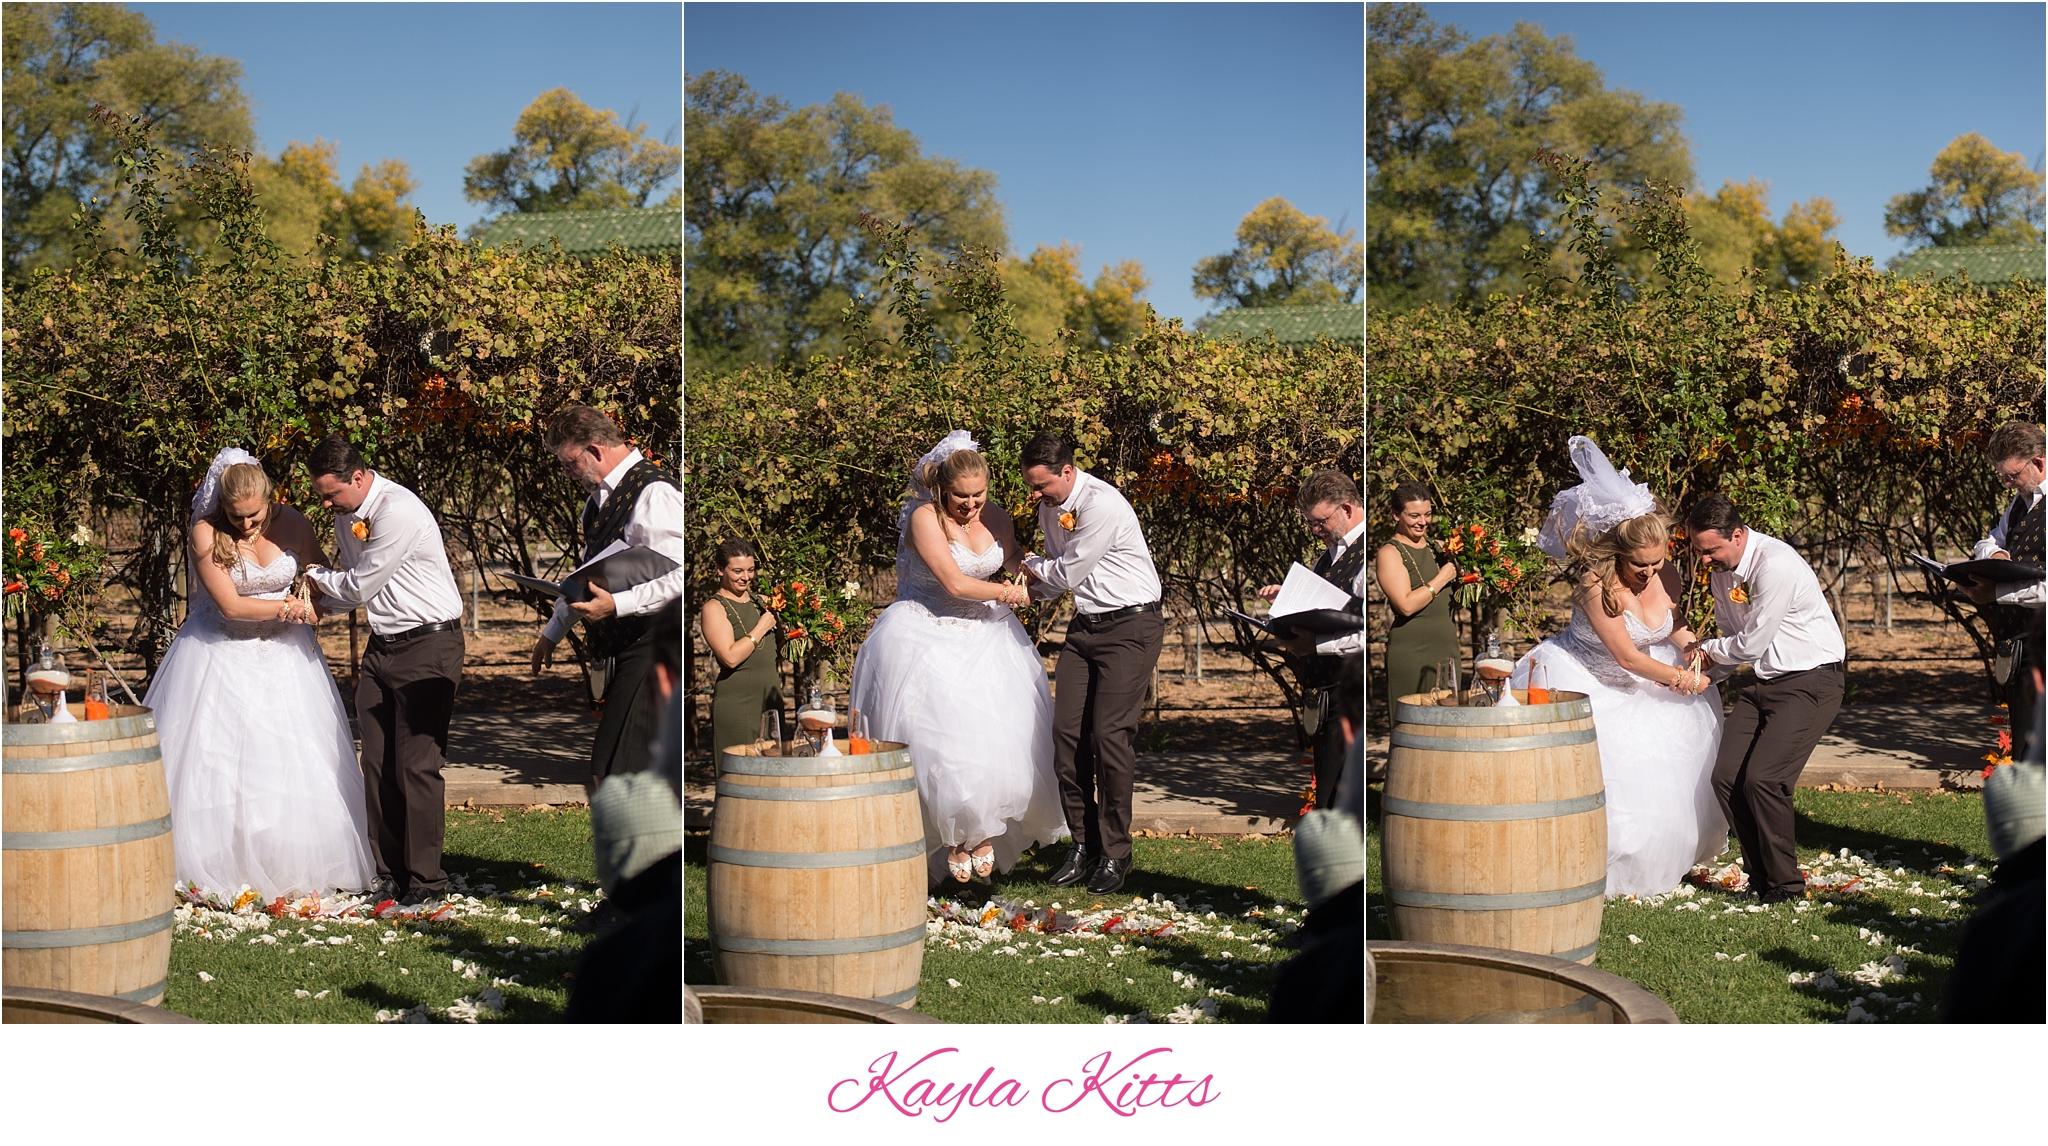 kayla kitts photography - albuquerque wedding photographer - albuquerque wedding photography - albuquerque venue - casa rondena - casa rondea wedding - new mexico wedding photographer_0011.jpg